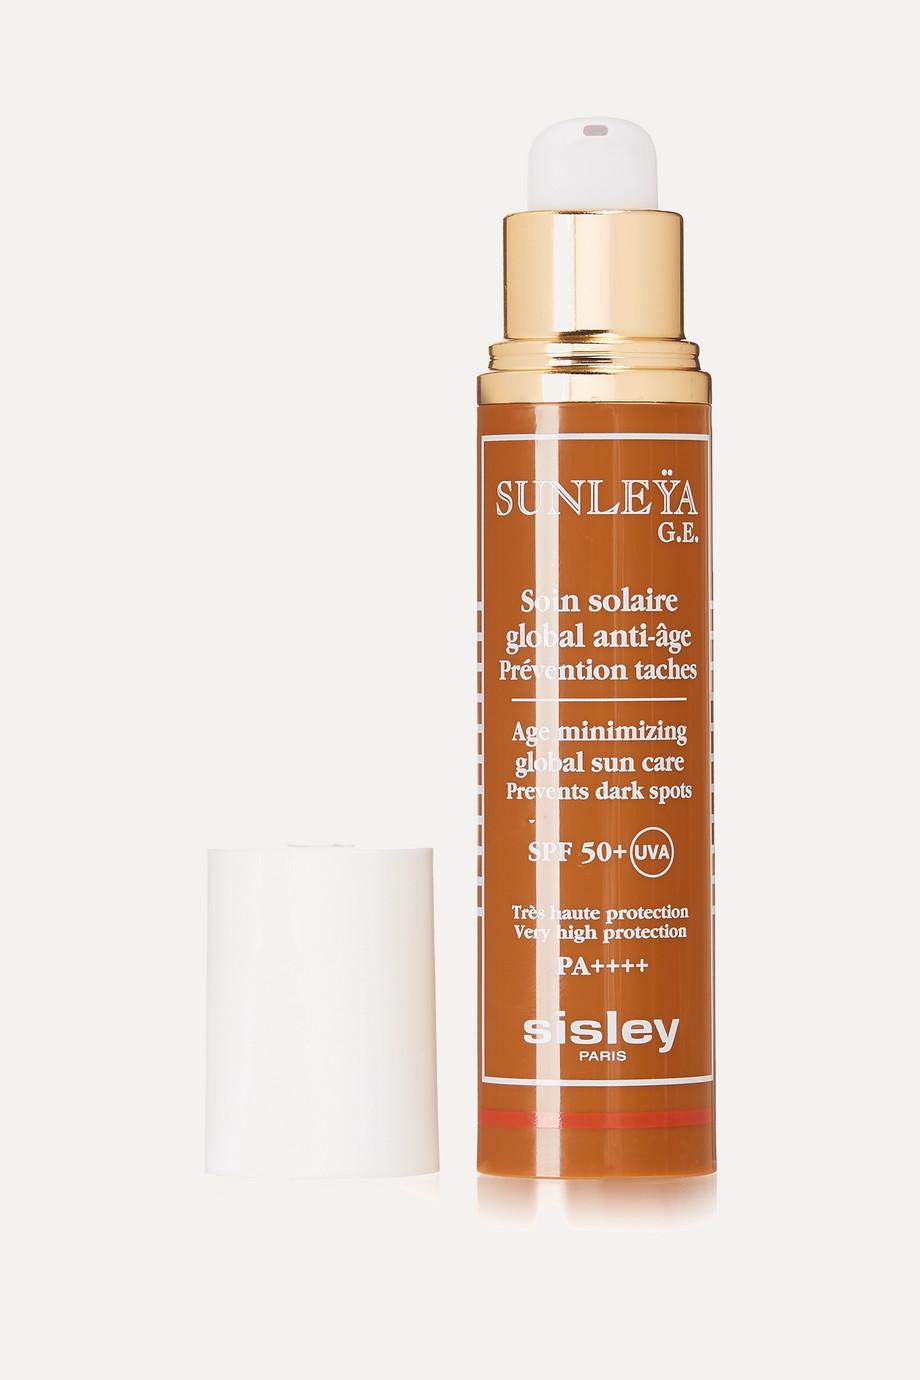 Sisley Soin solaire global anti-âge prévention taches SPF 50 Sunleÿa G.E., 50 ml